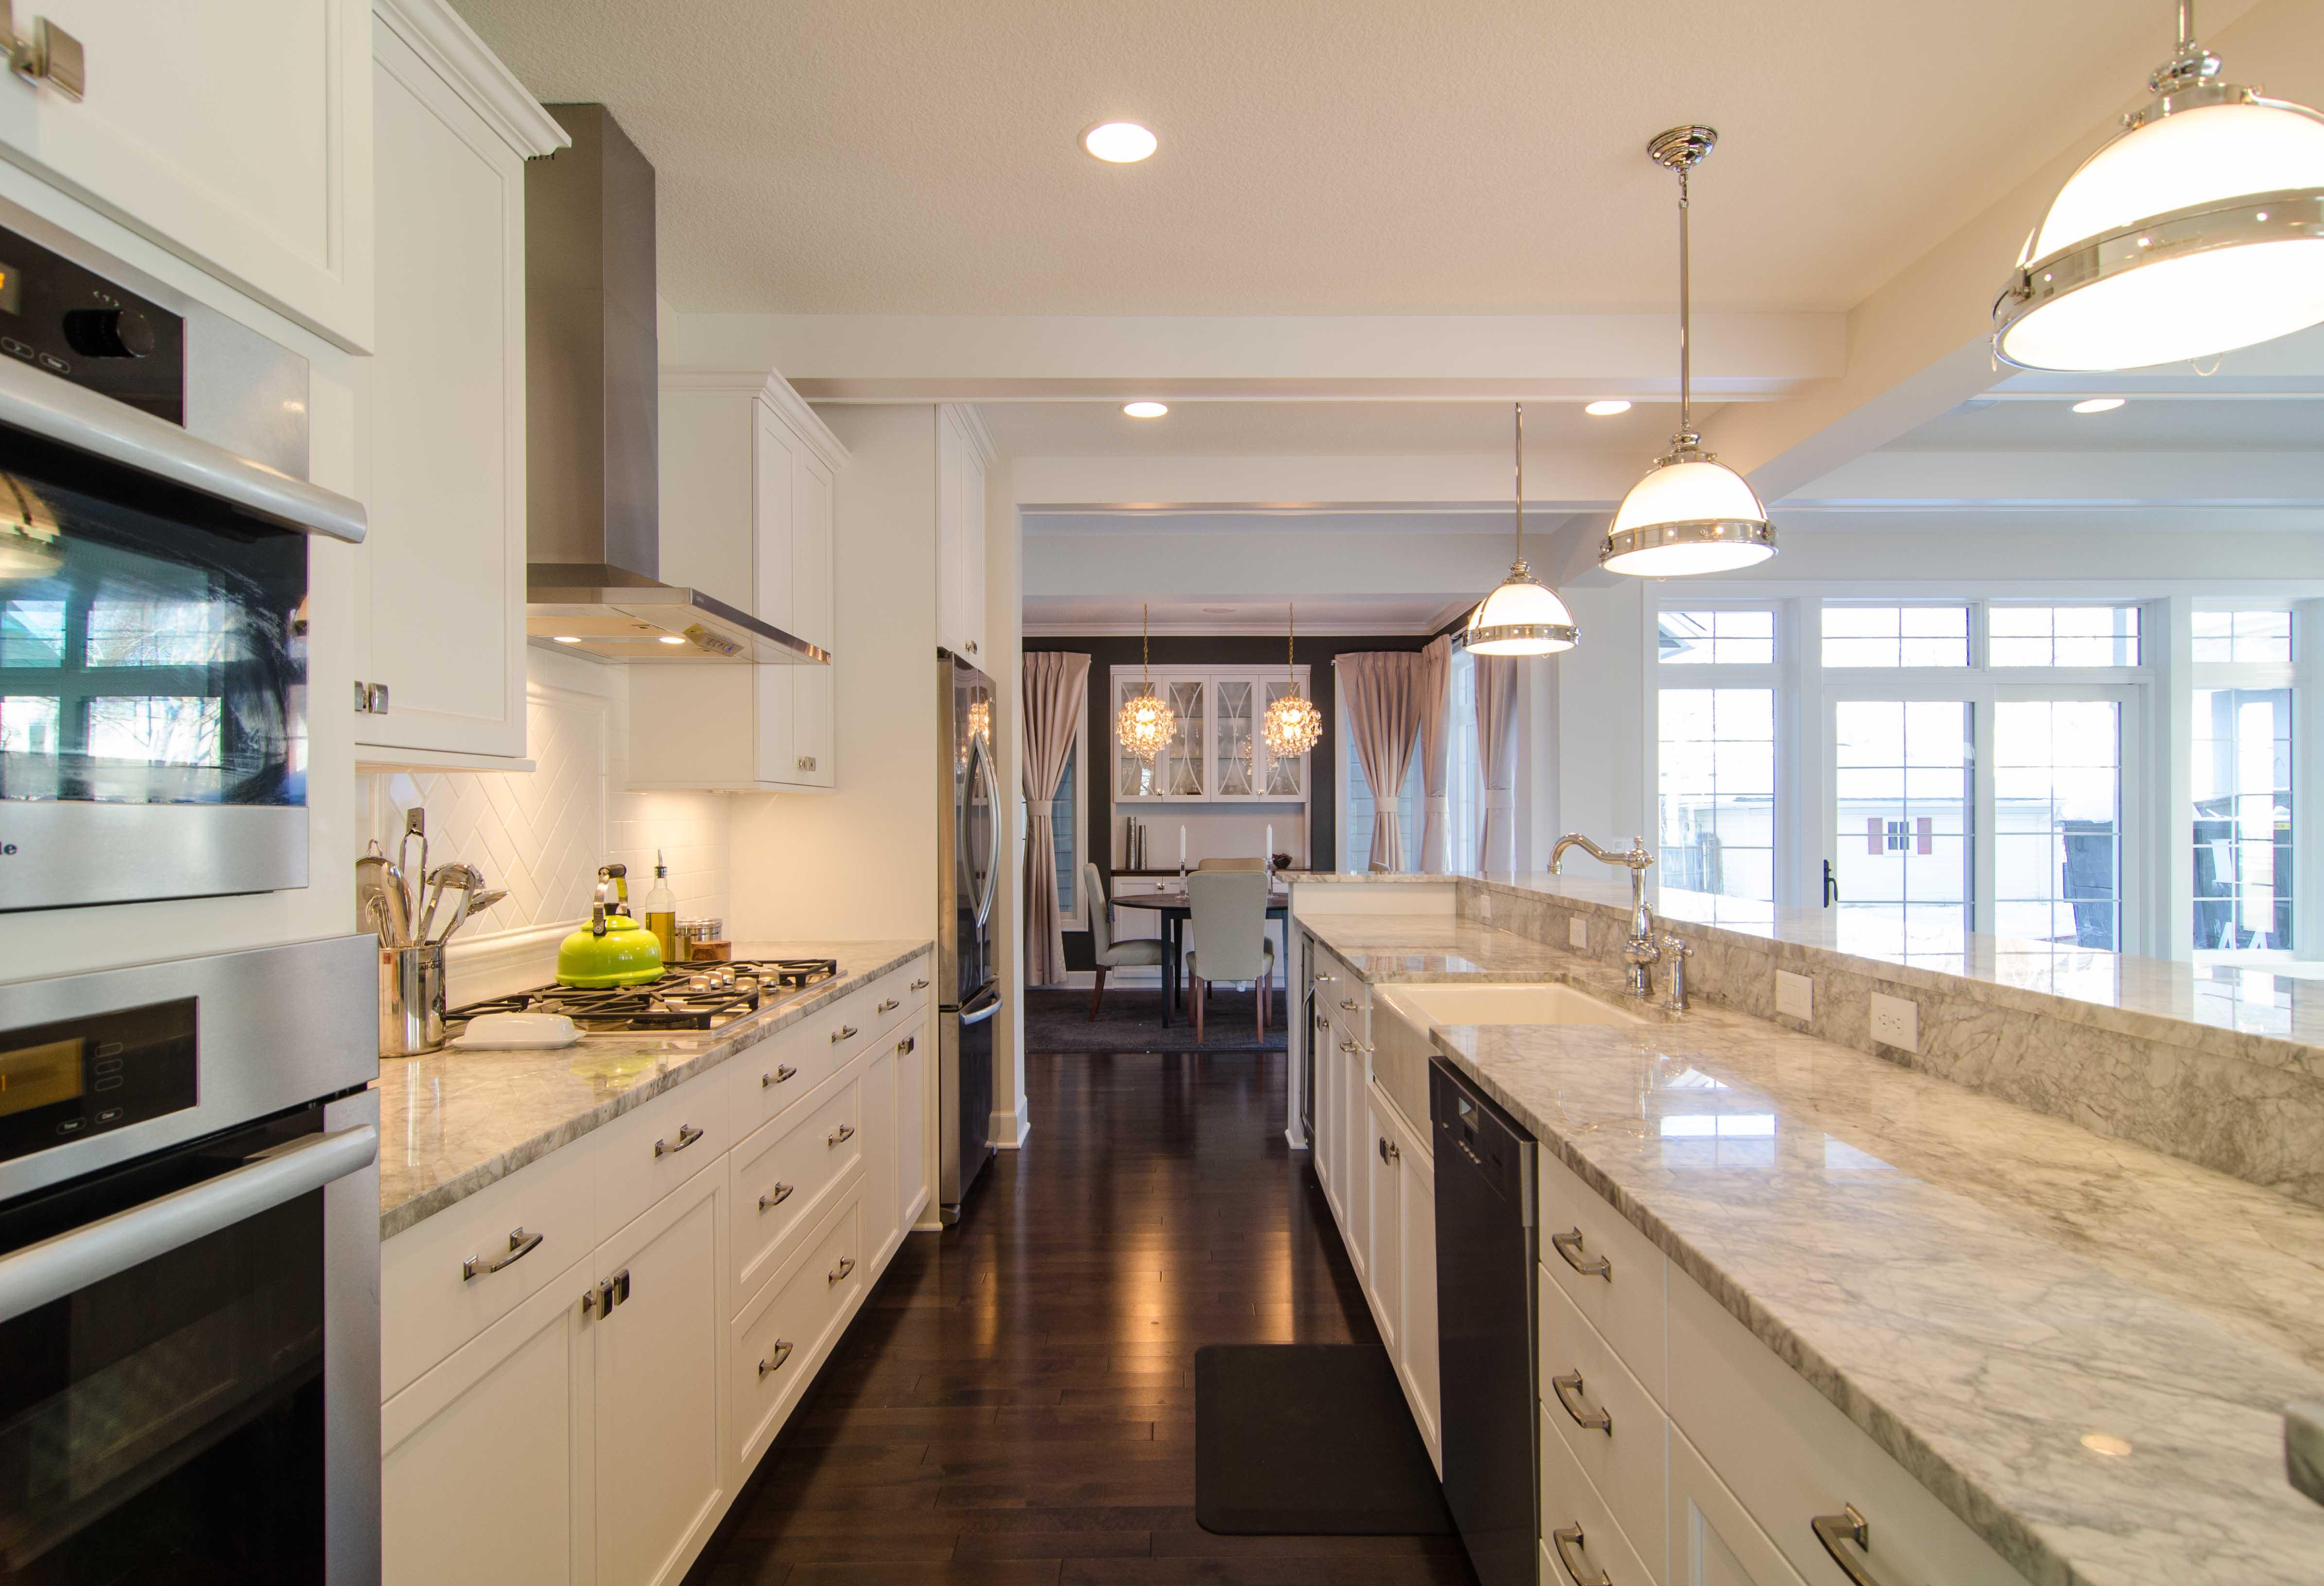 30 Beautiful Galley Kitchen Design Ideas Decoration Love